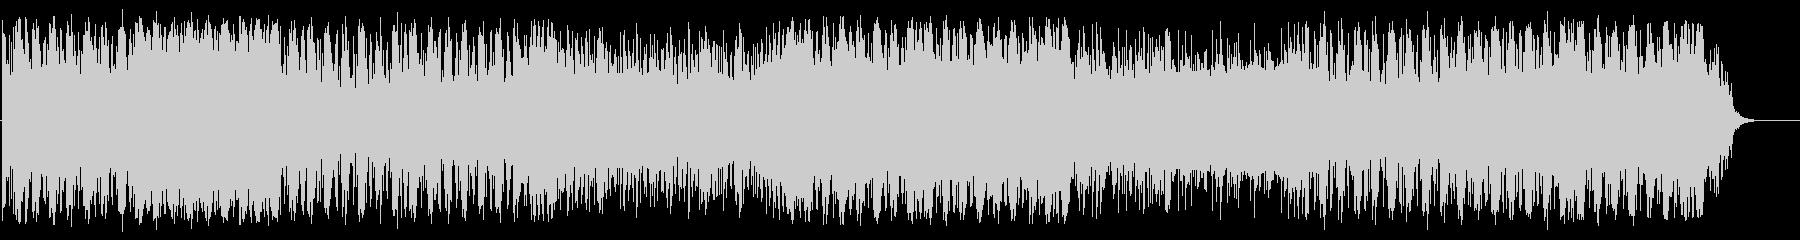 エアリアル センチメンタル アクシ...の未再生の波形